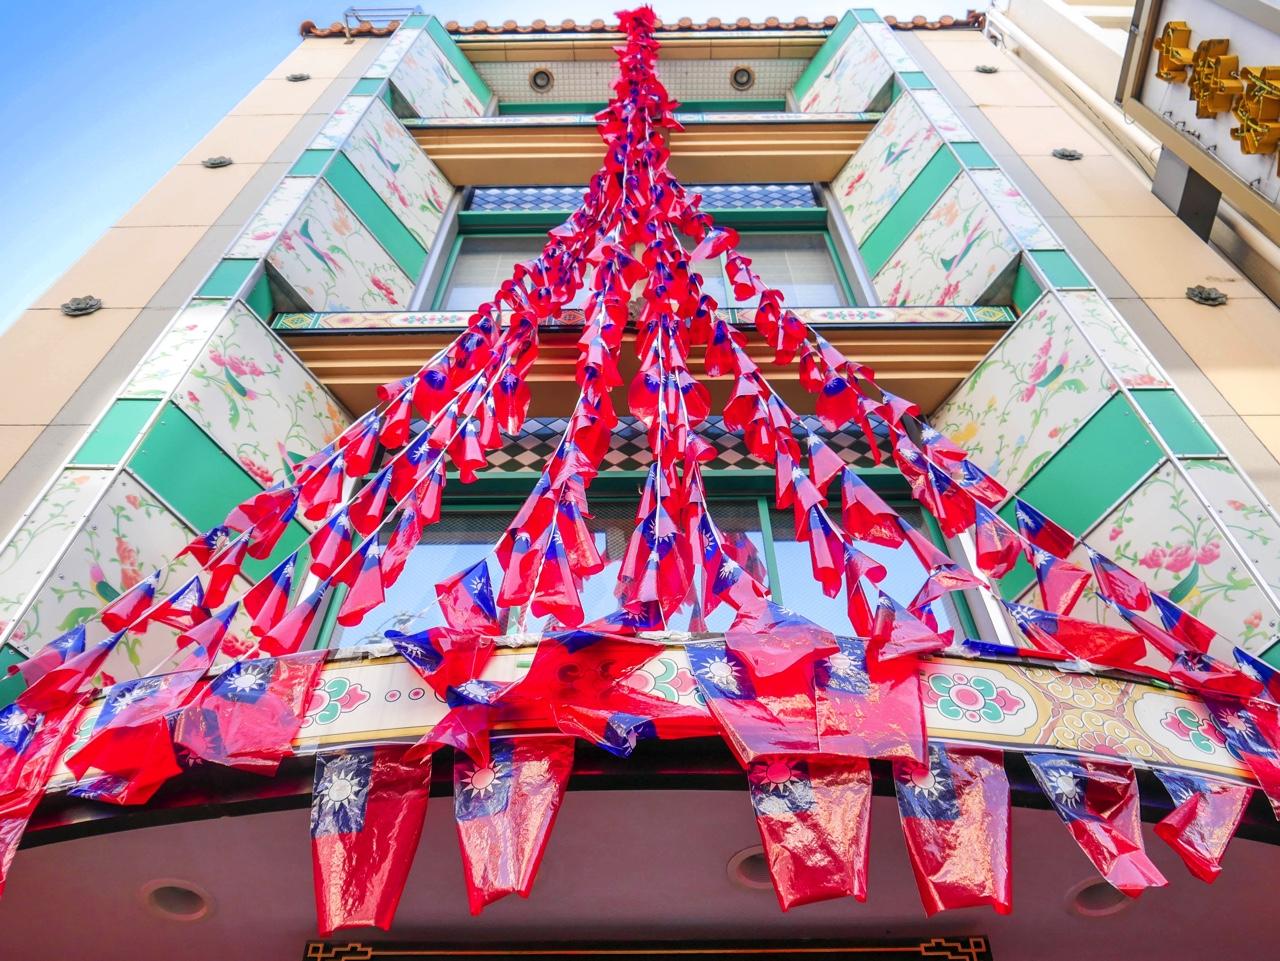 大量の中華民国国旗を外壁に束ねたお店